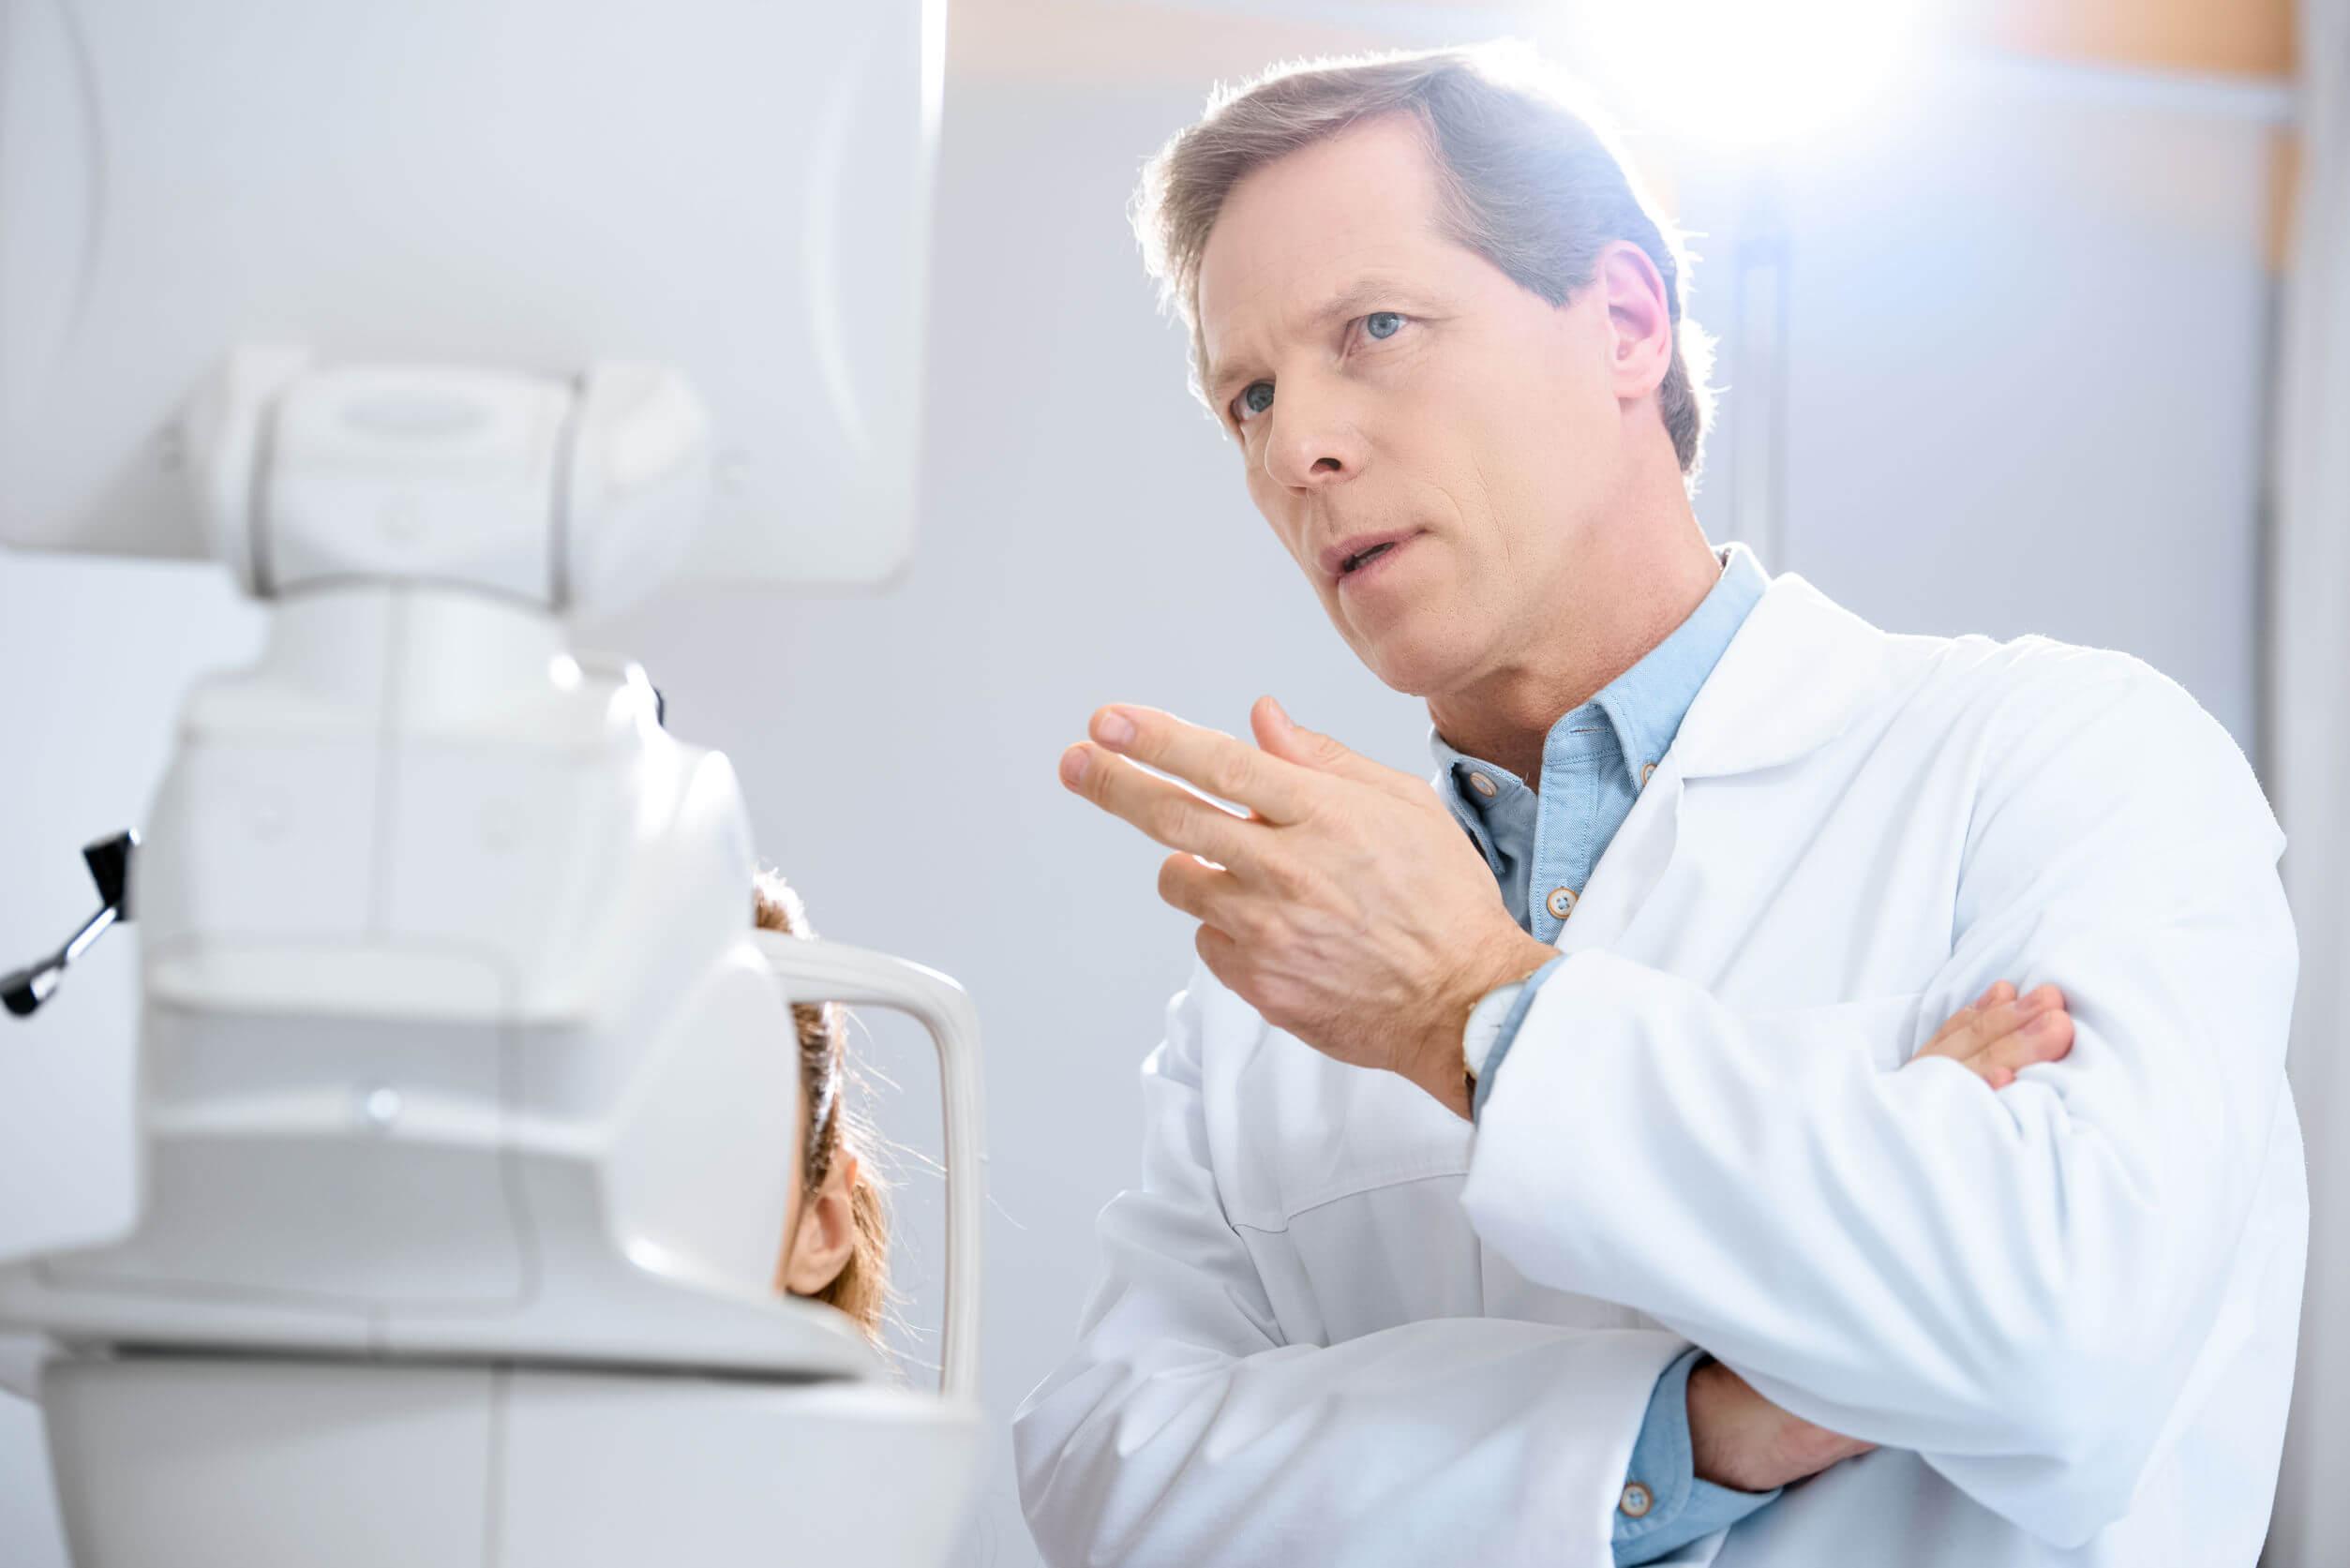 La presbiopia deve essere diagnosticata dall'oculista